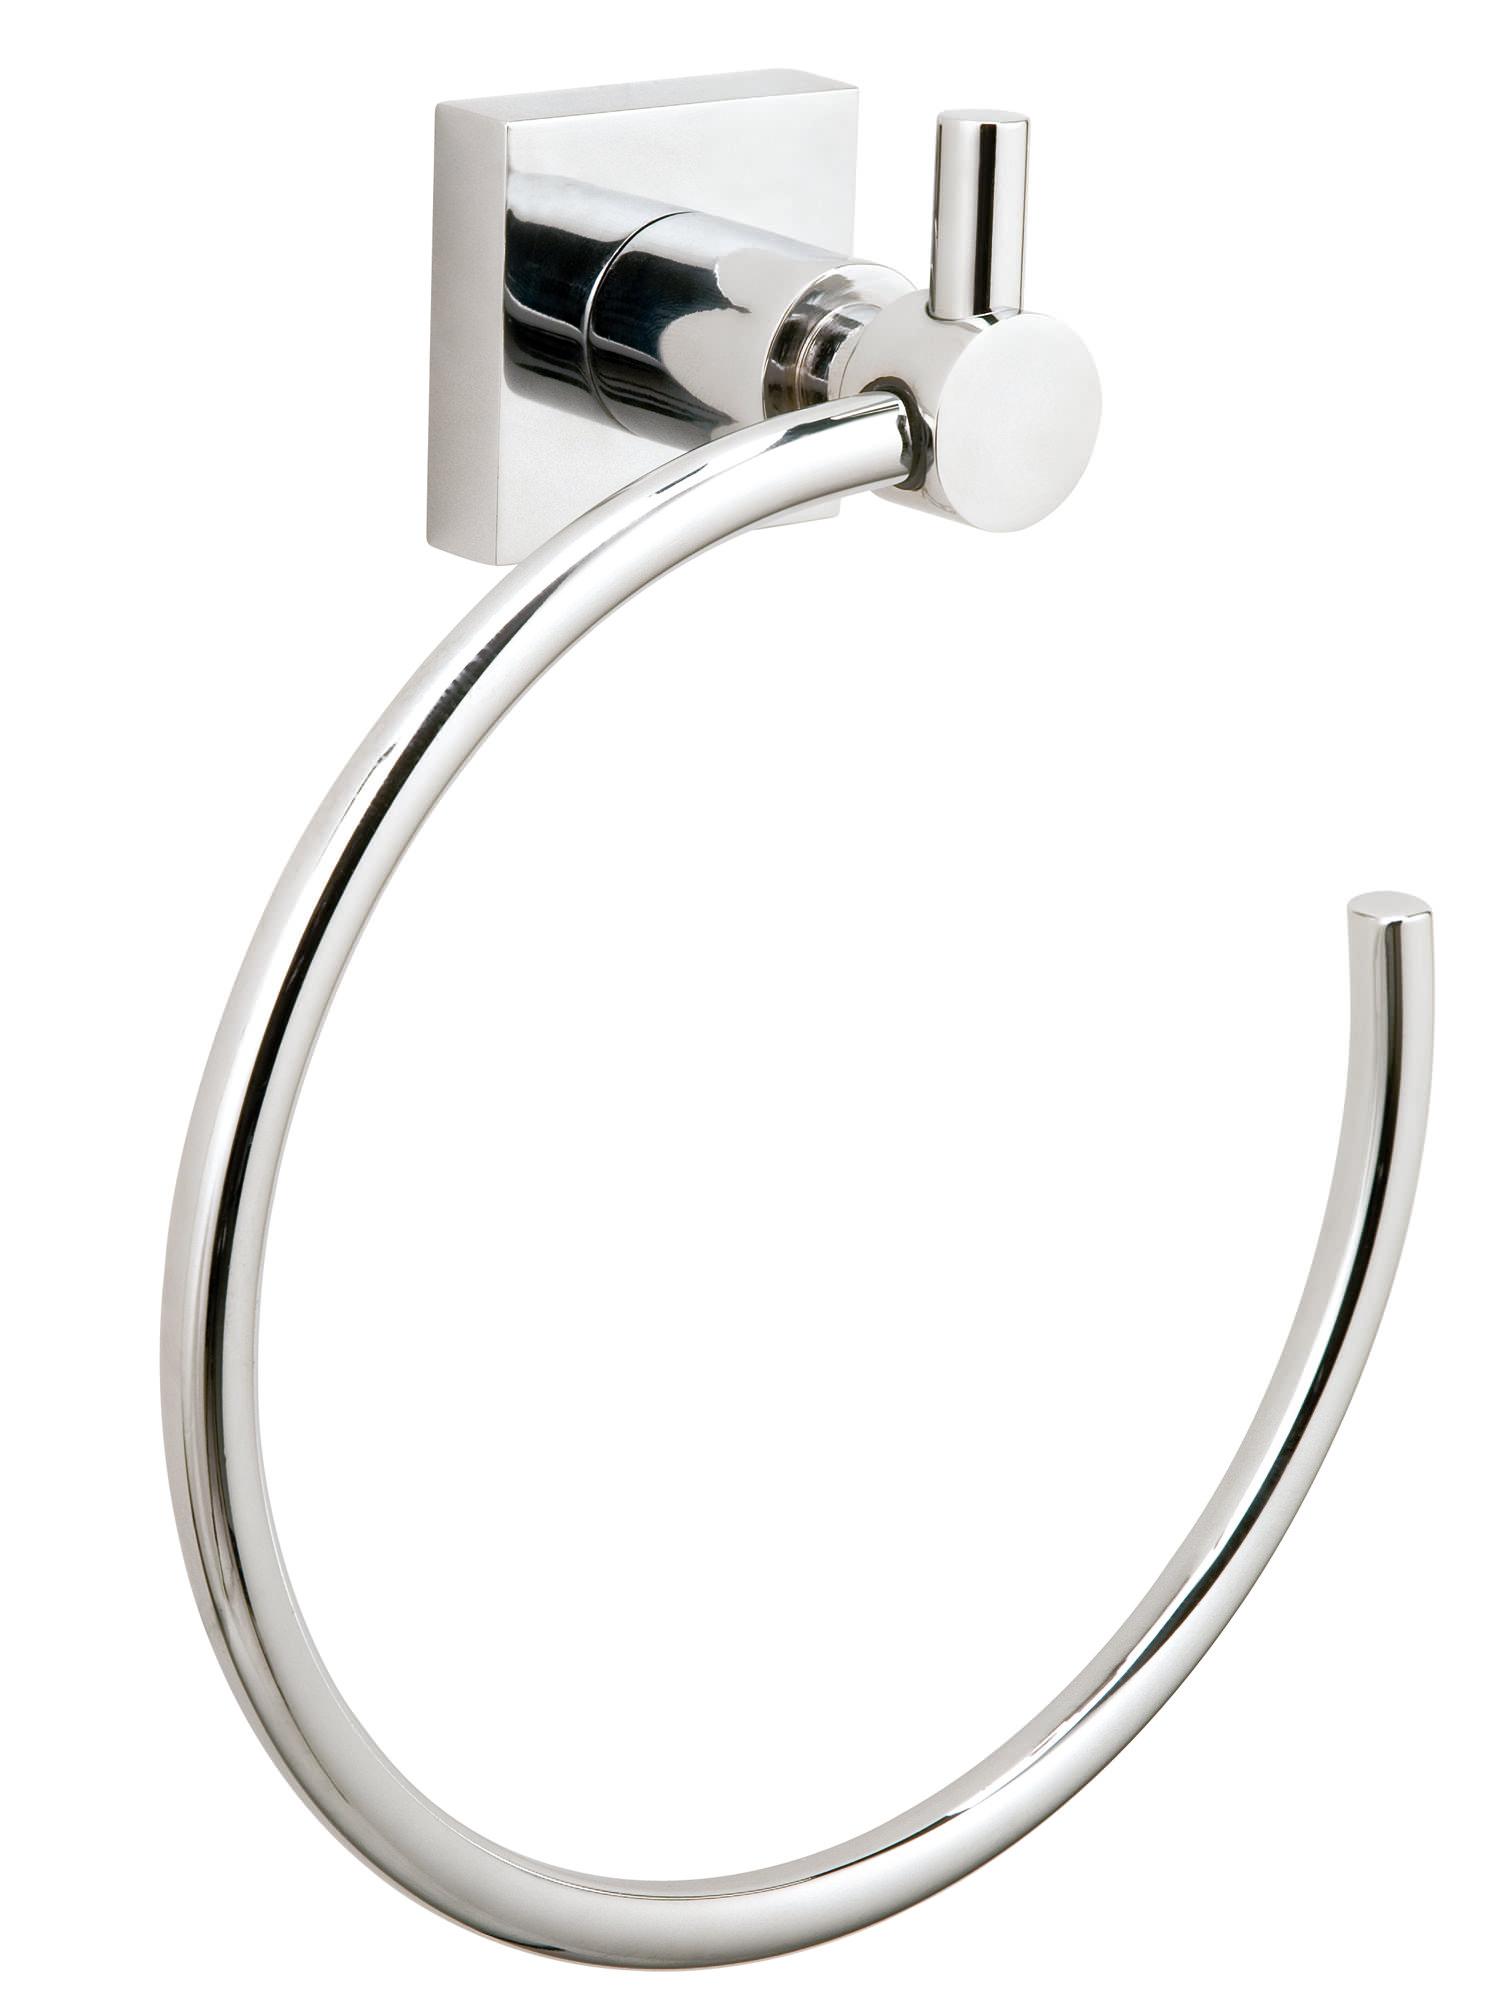 Red dot hukk chrome towel ring hu207 for Chrome towel rings for bathrooms